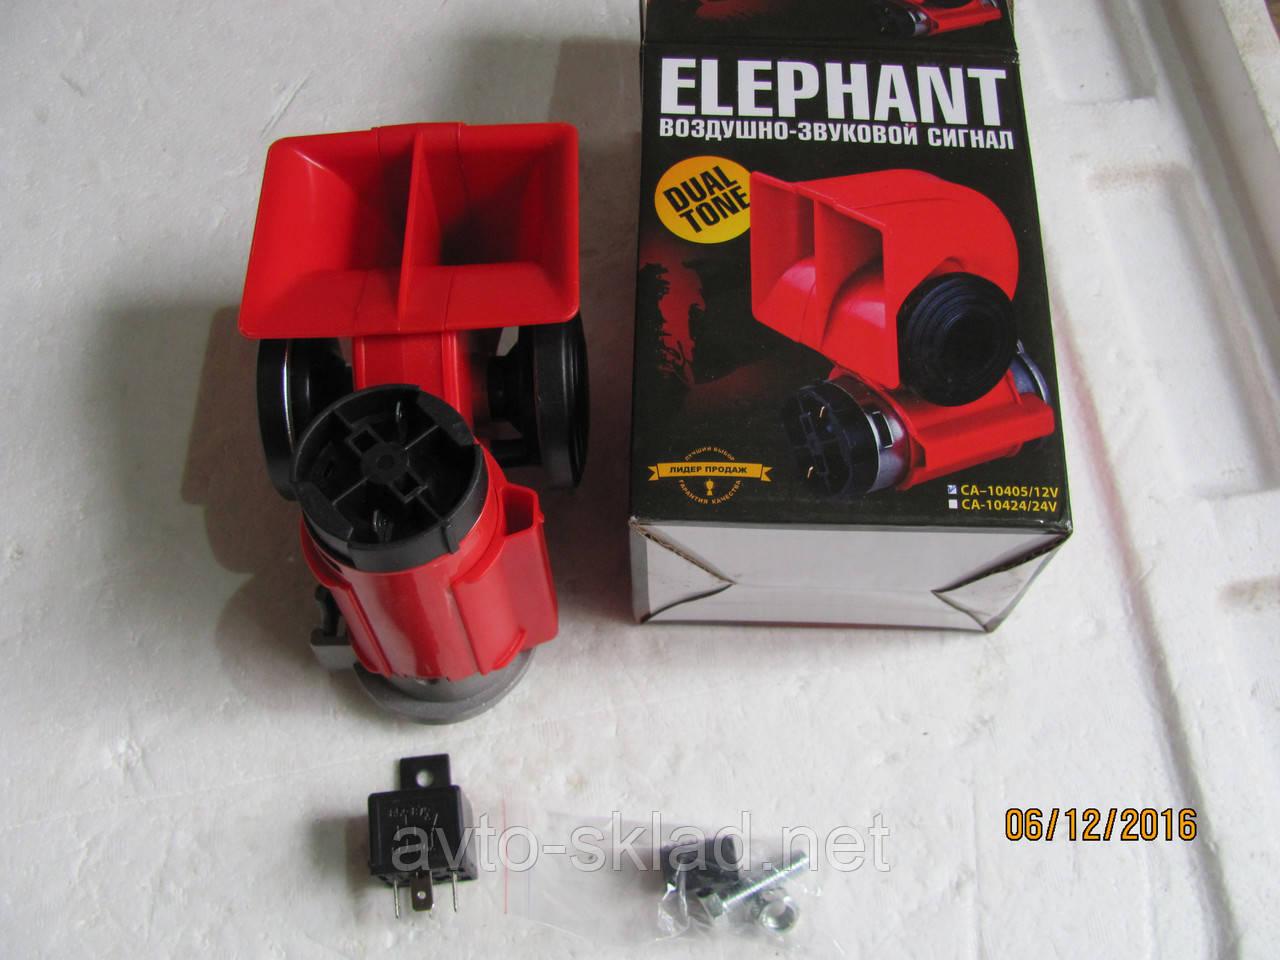 Сигнал звуковой воздушный Elephant